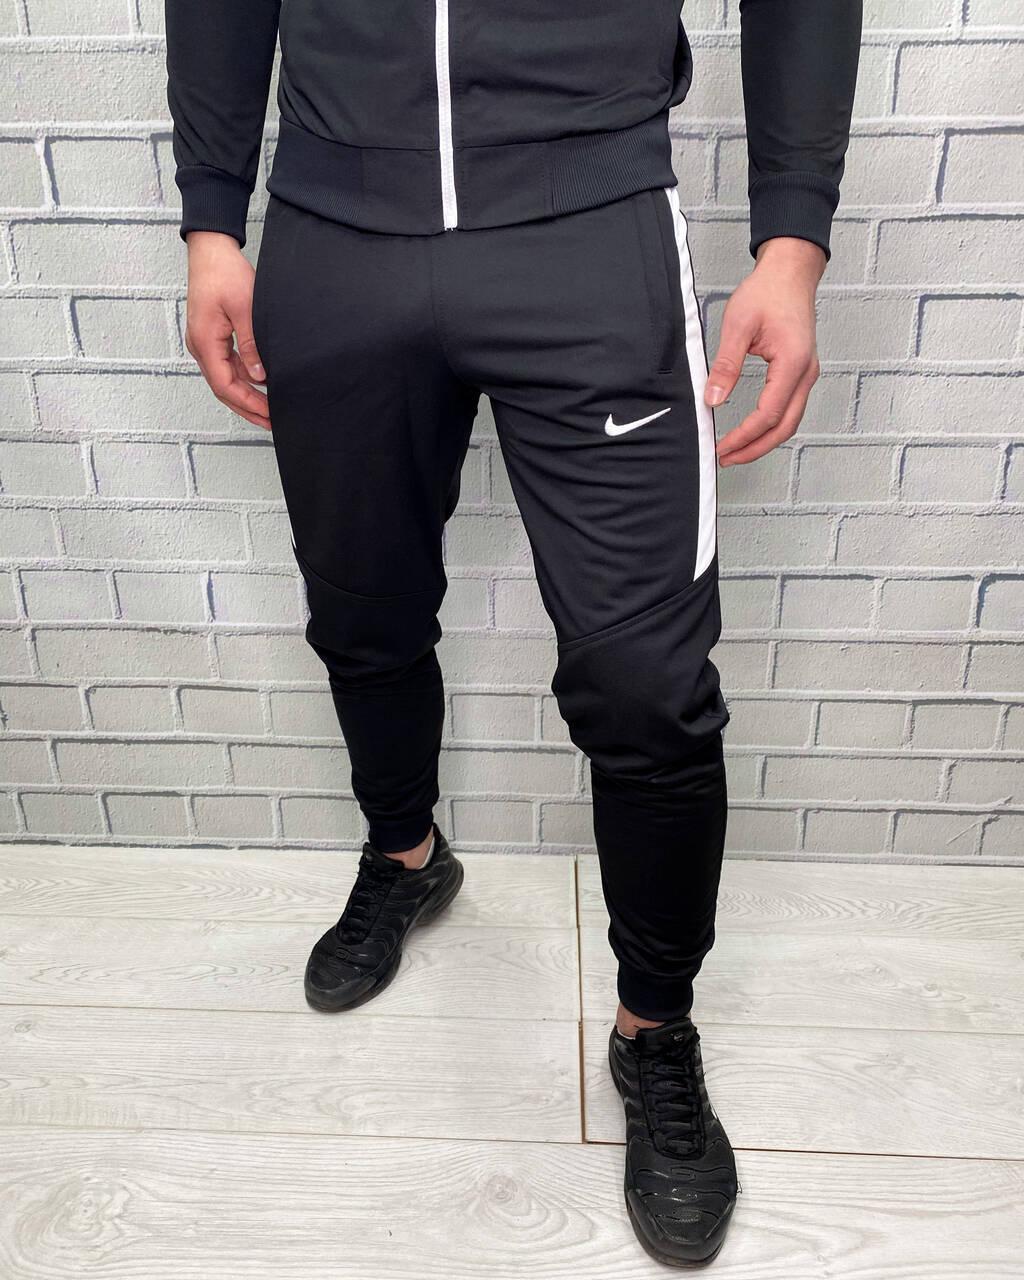 Штаны спортивные Nike Черный Штаны для мужчин Классические Стильные для бега и на каждый день для мужчин